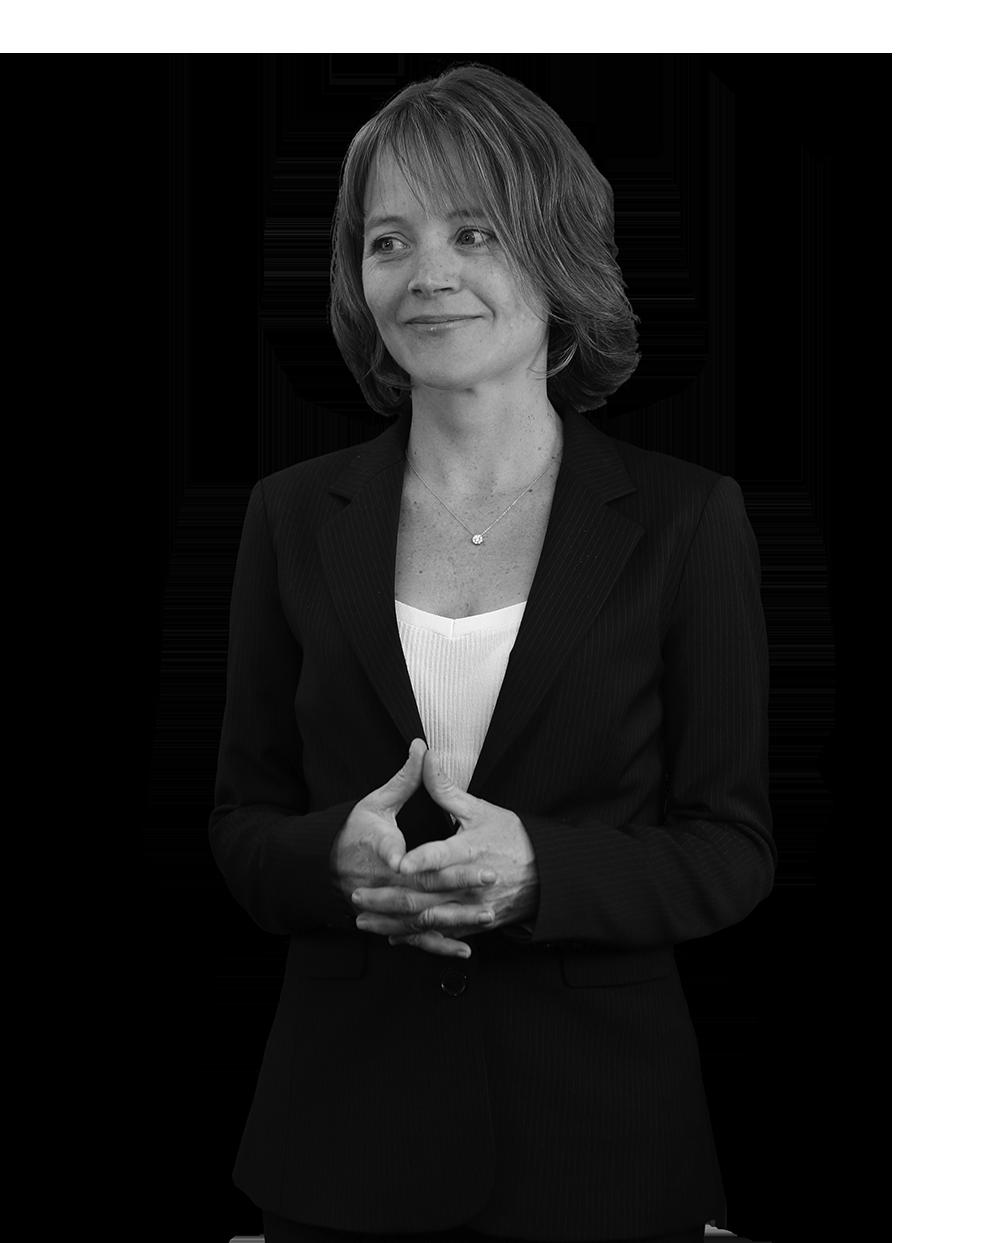 Me Marie-Pierre Charland, avocate | Membre de l'équipe Barrette & Associés | Avocats